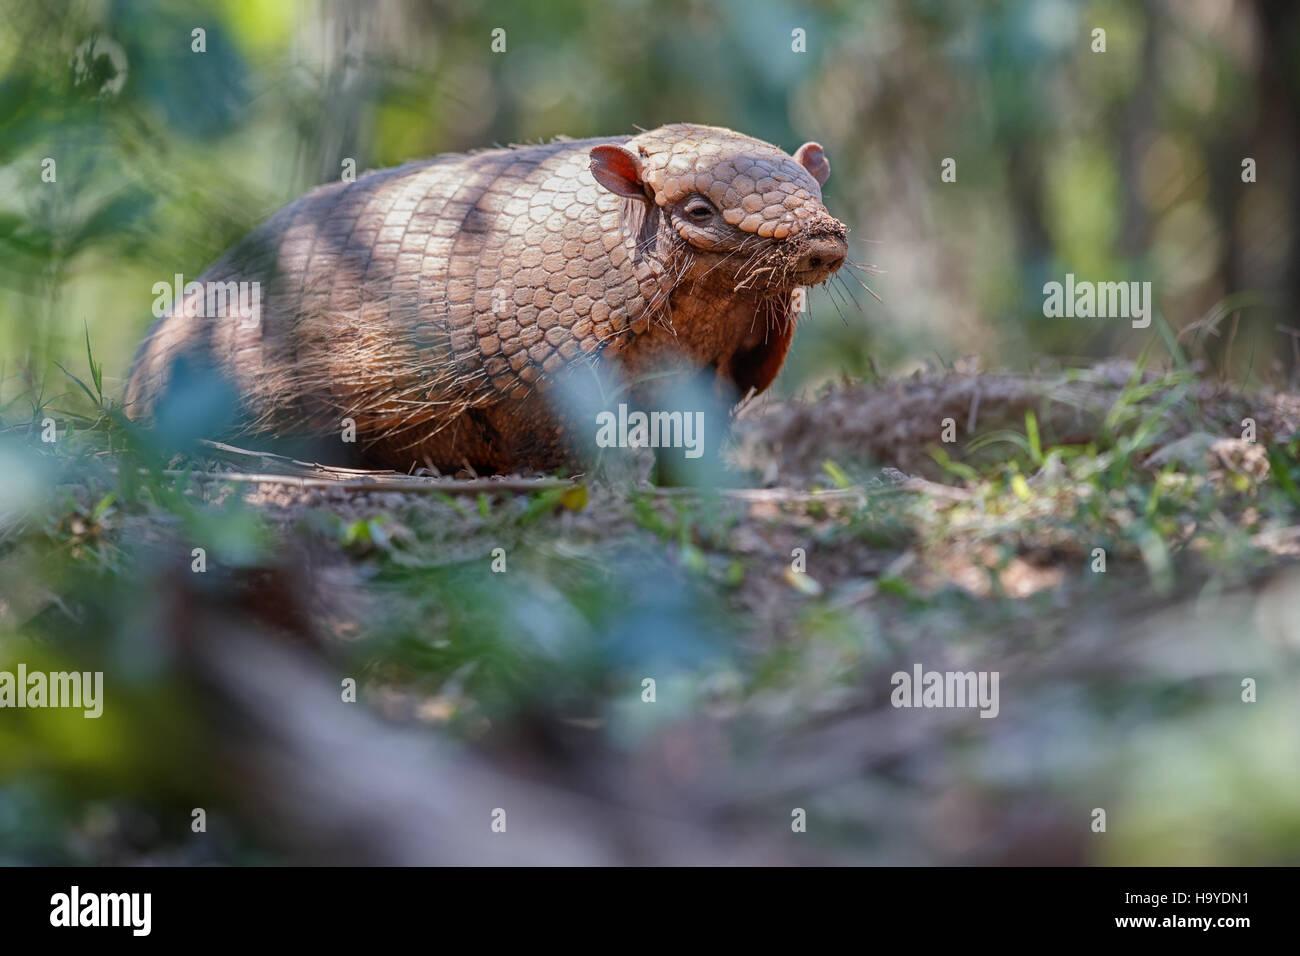 Animal Suriname Stock Photos & Animal Suriname Stock ...